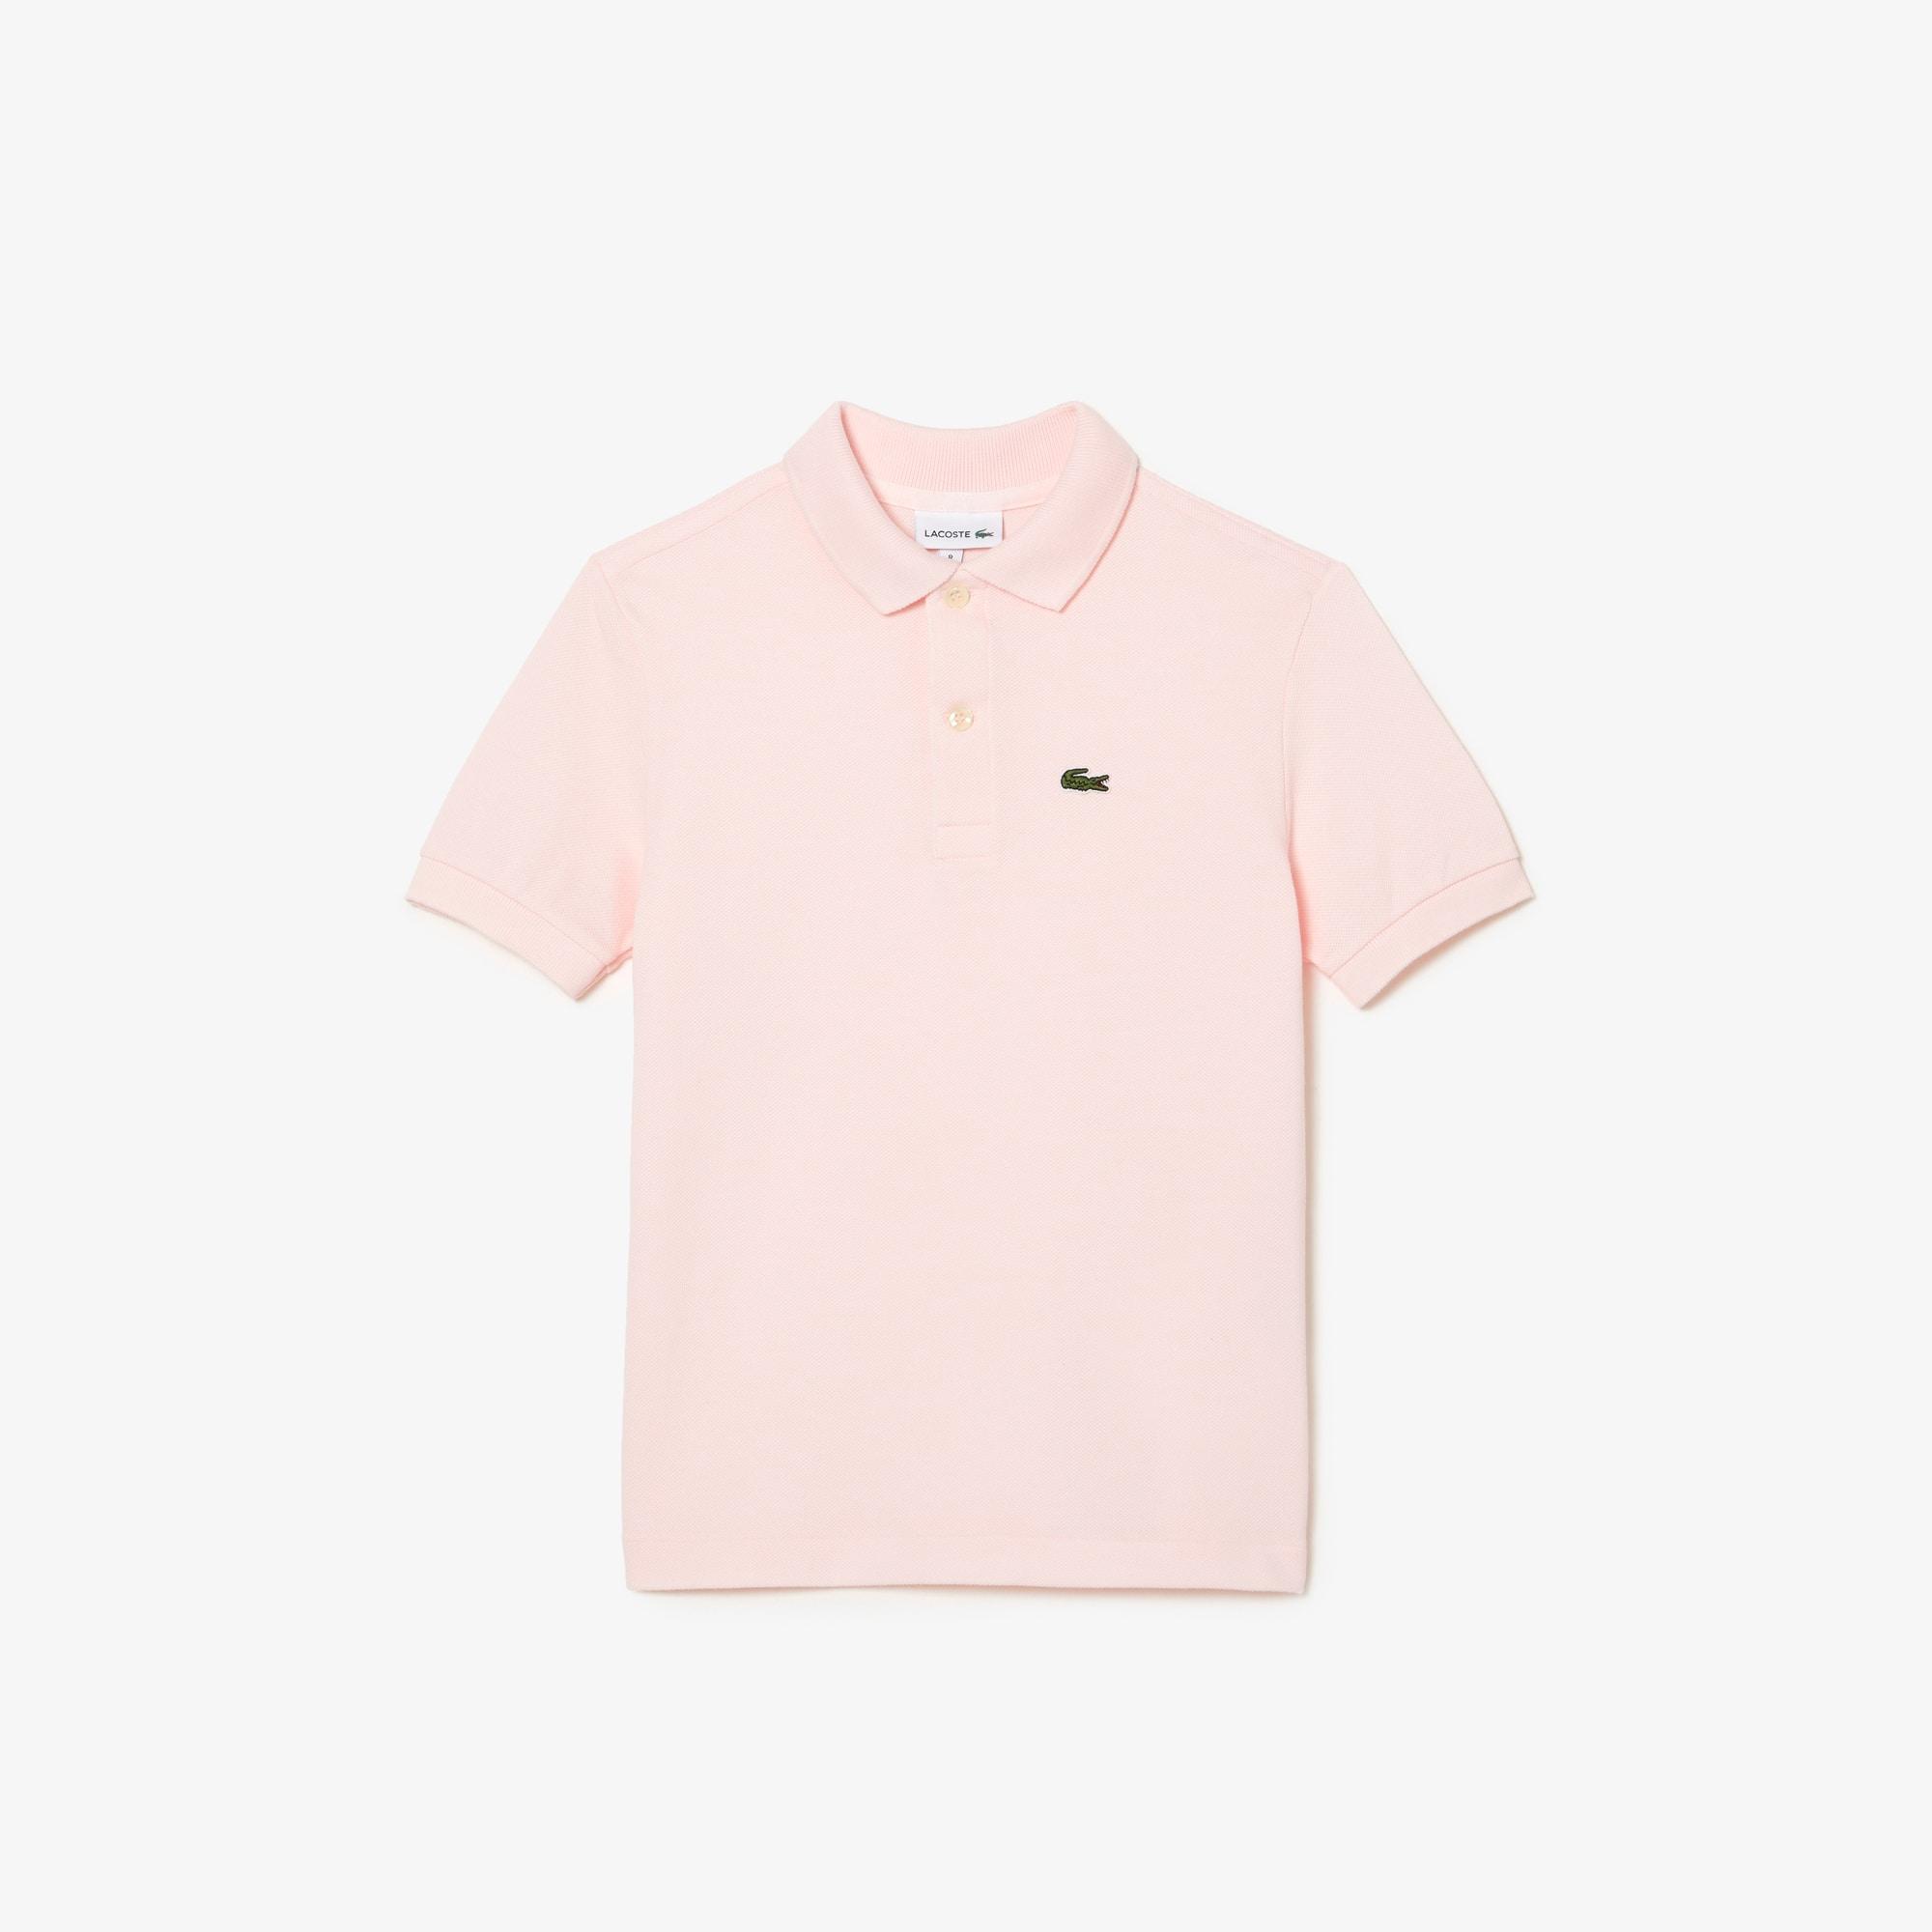 라코스테 보이즈 클래식 피케 폴로셔츠 - 라이트 핑크 Lacoste Boys' Classic Pique Polo